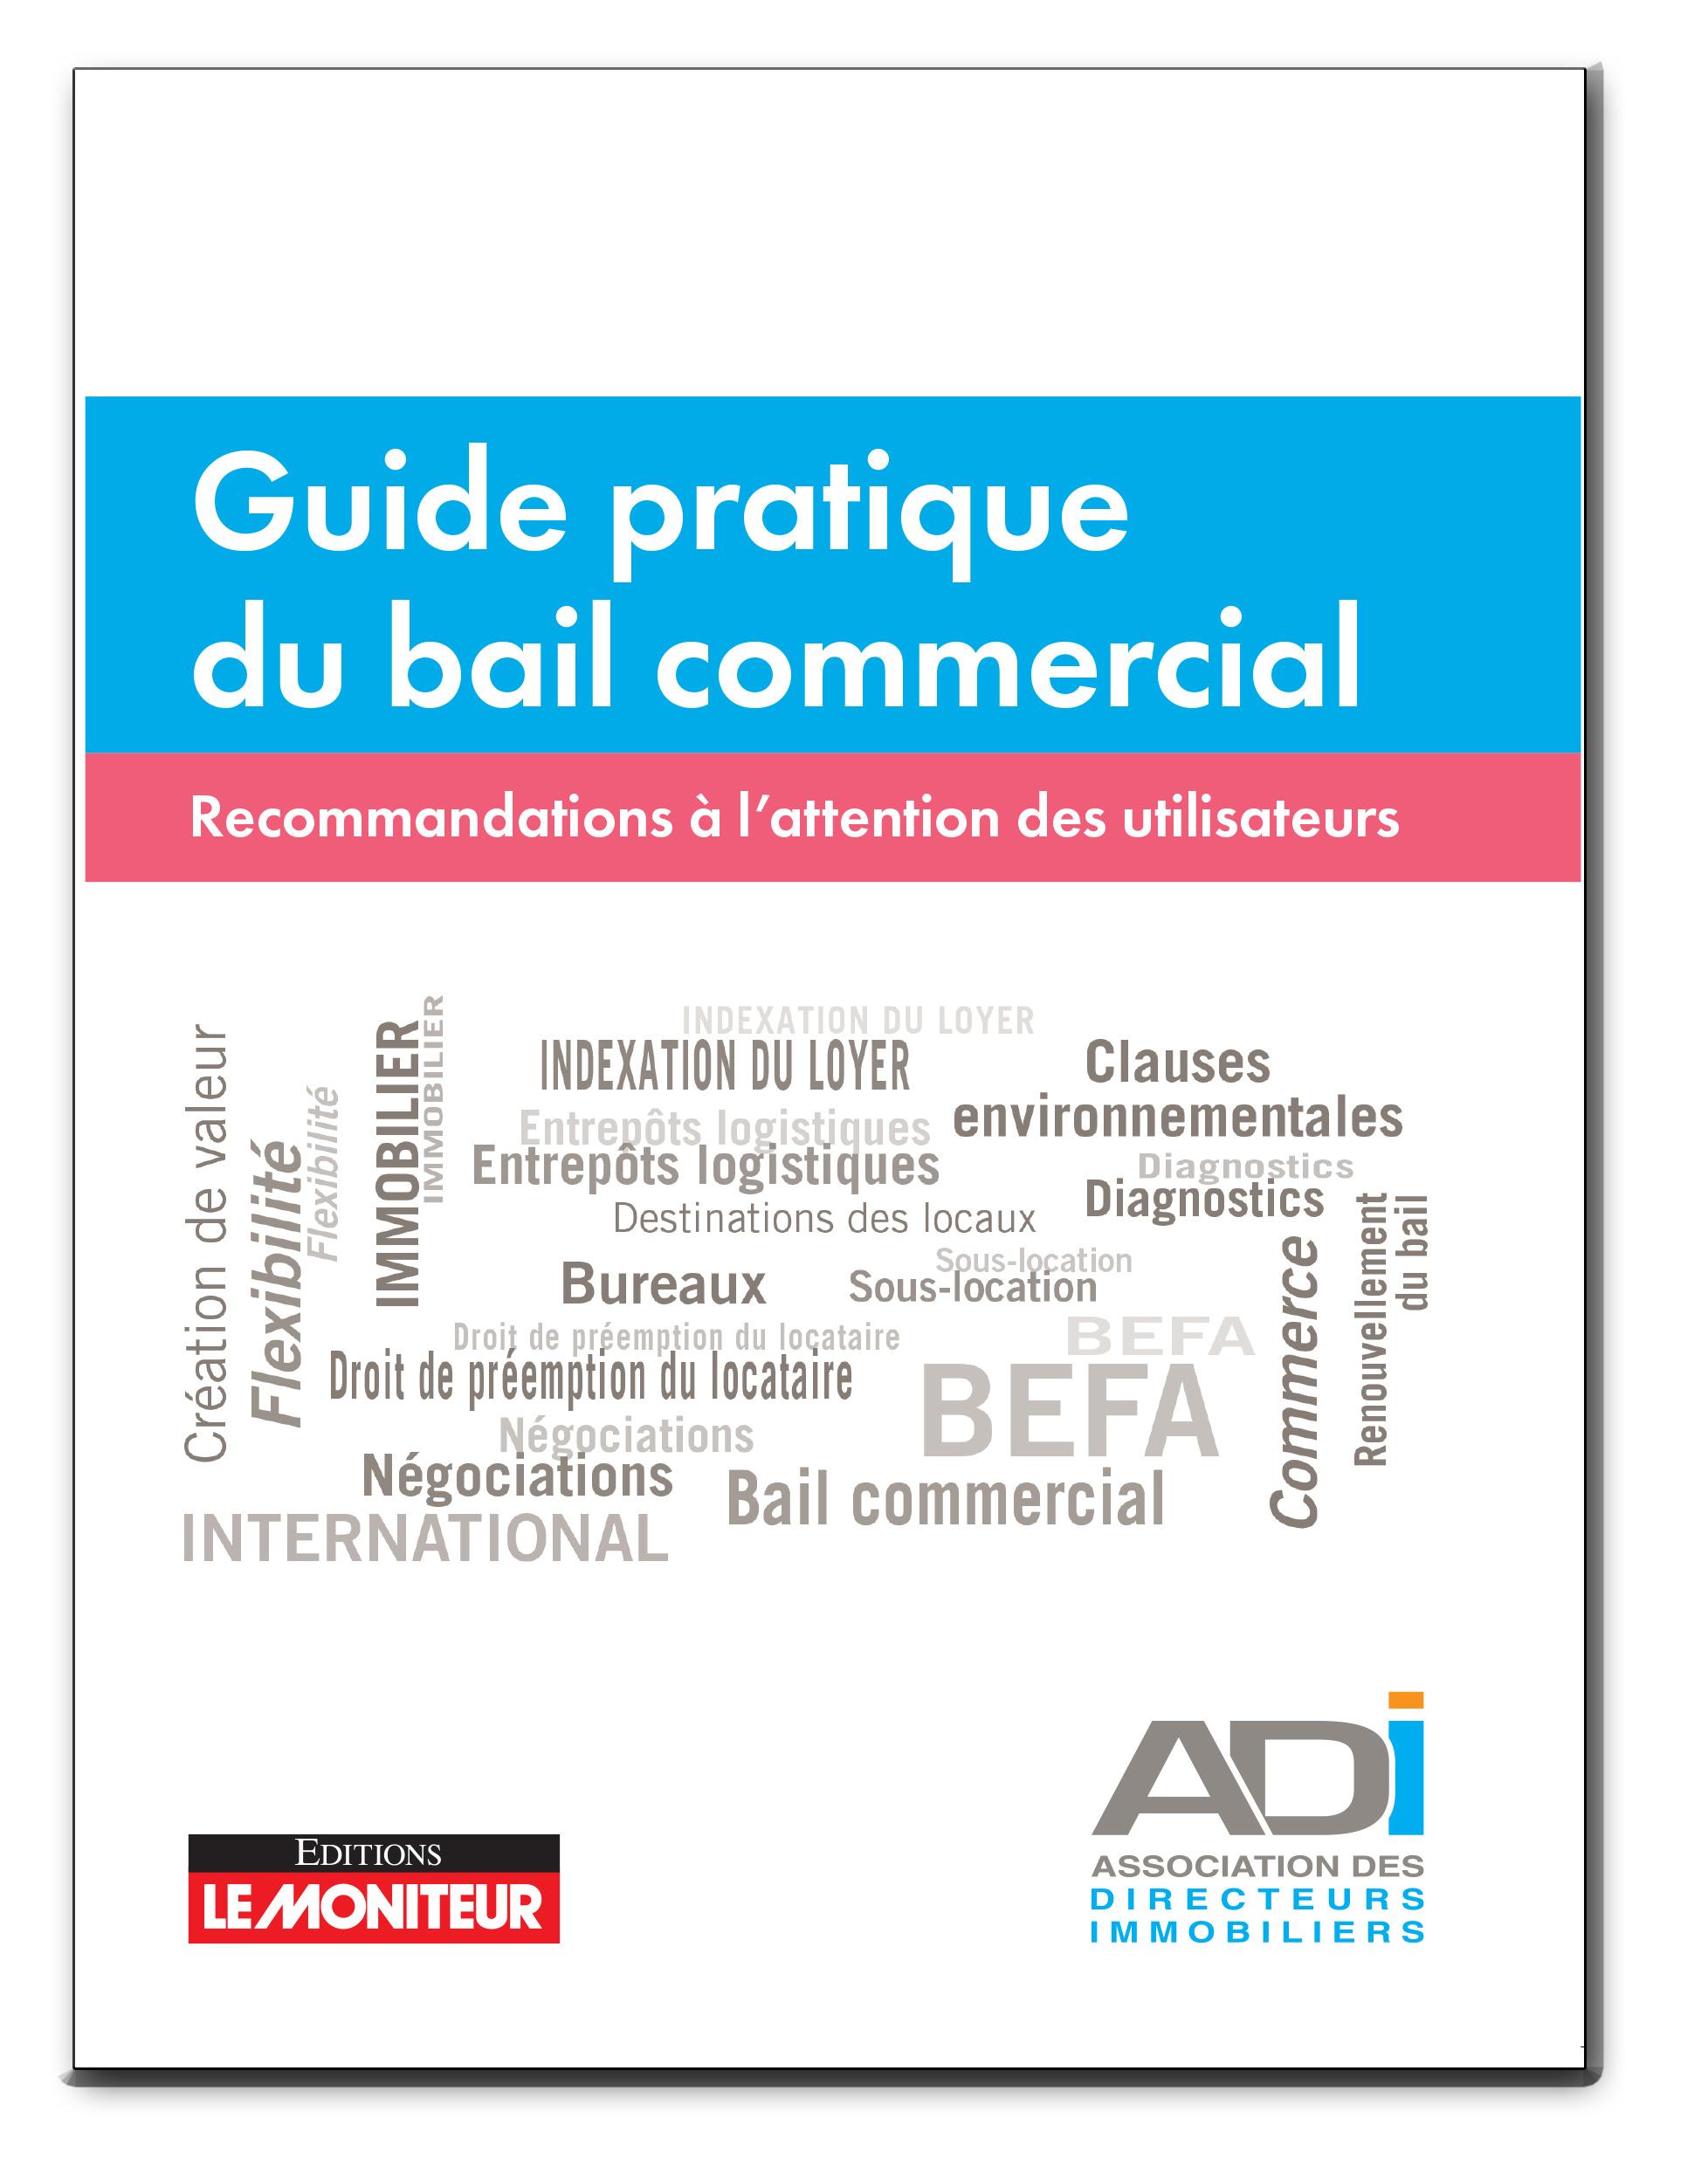 Guide pratique du bail commercial